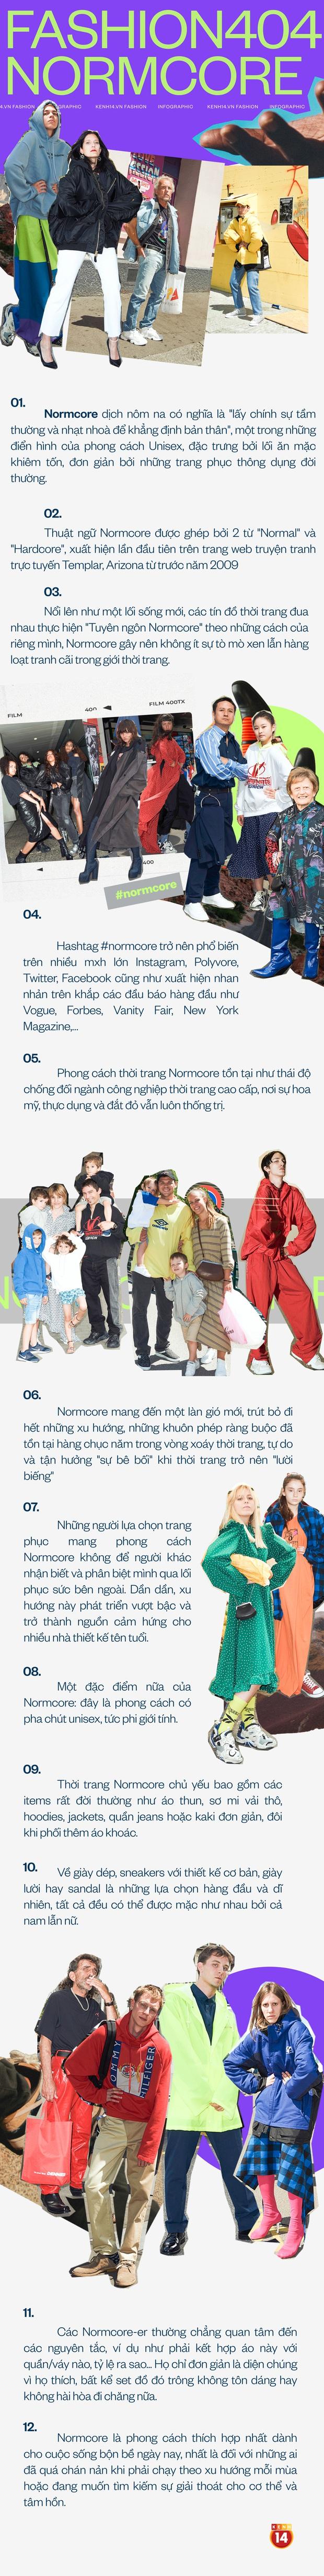 Normcore - Làm thế nào một xu hướng chống lại thời trang lại đang thống trị ngành thời trang thế giới? - Ảnh 1.